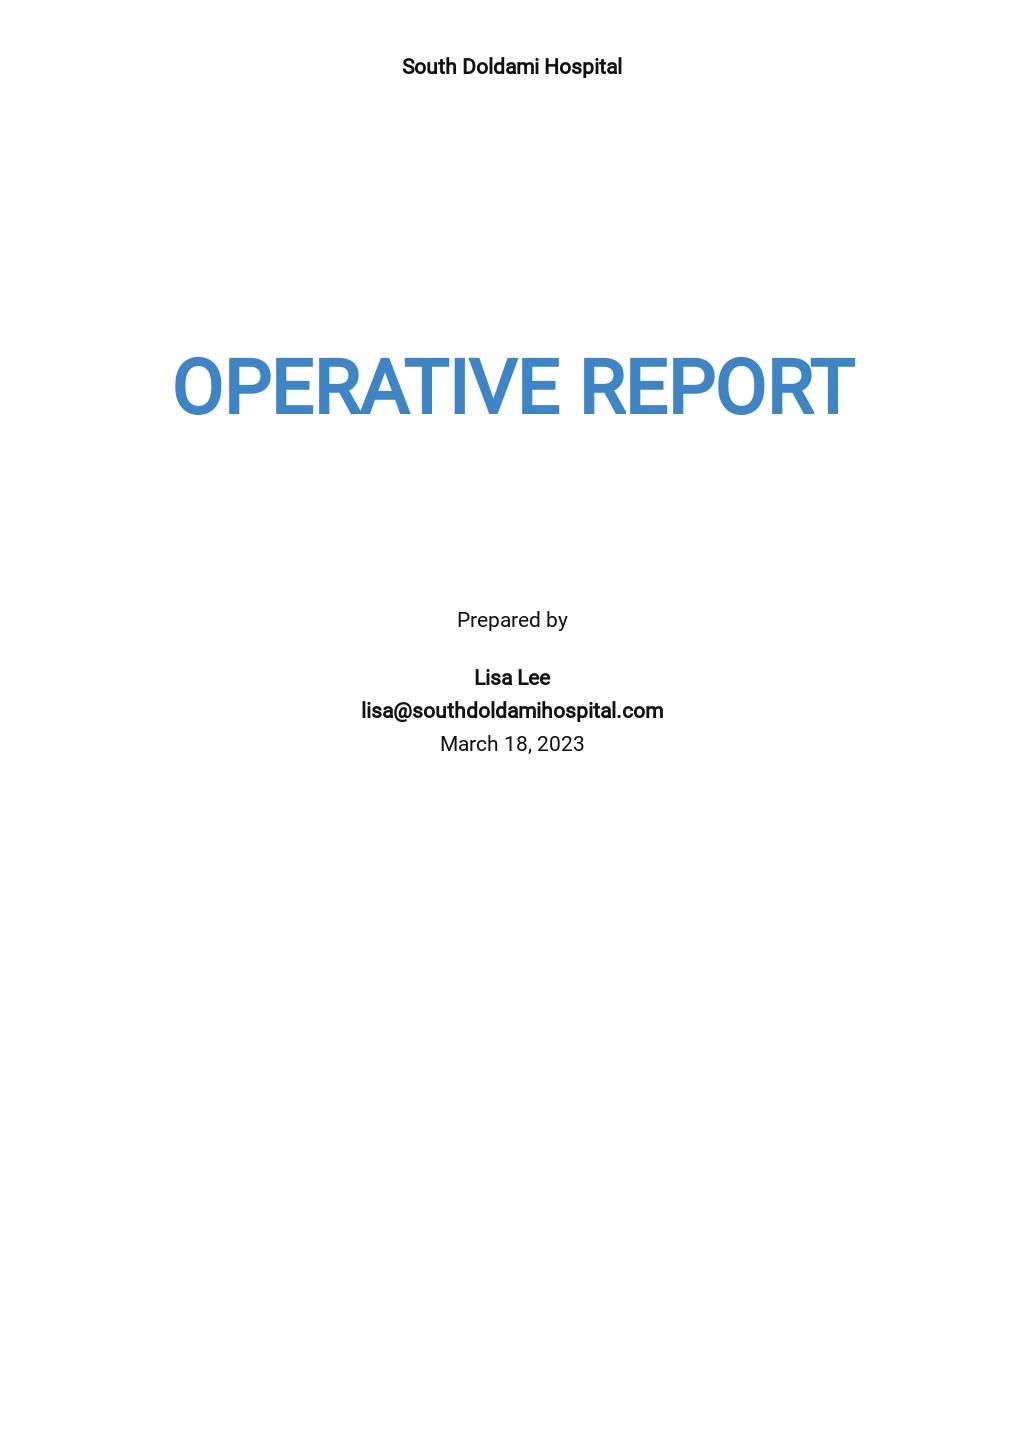 Operative Report Template.jpe